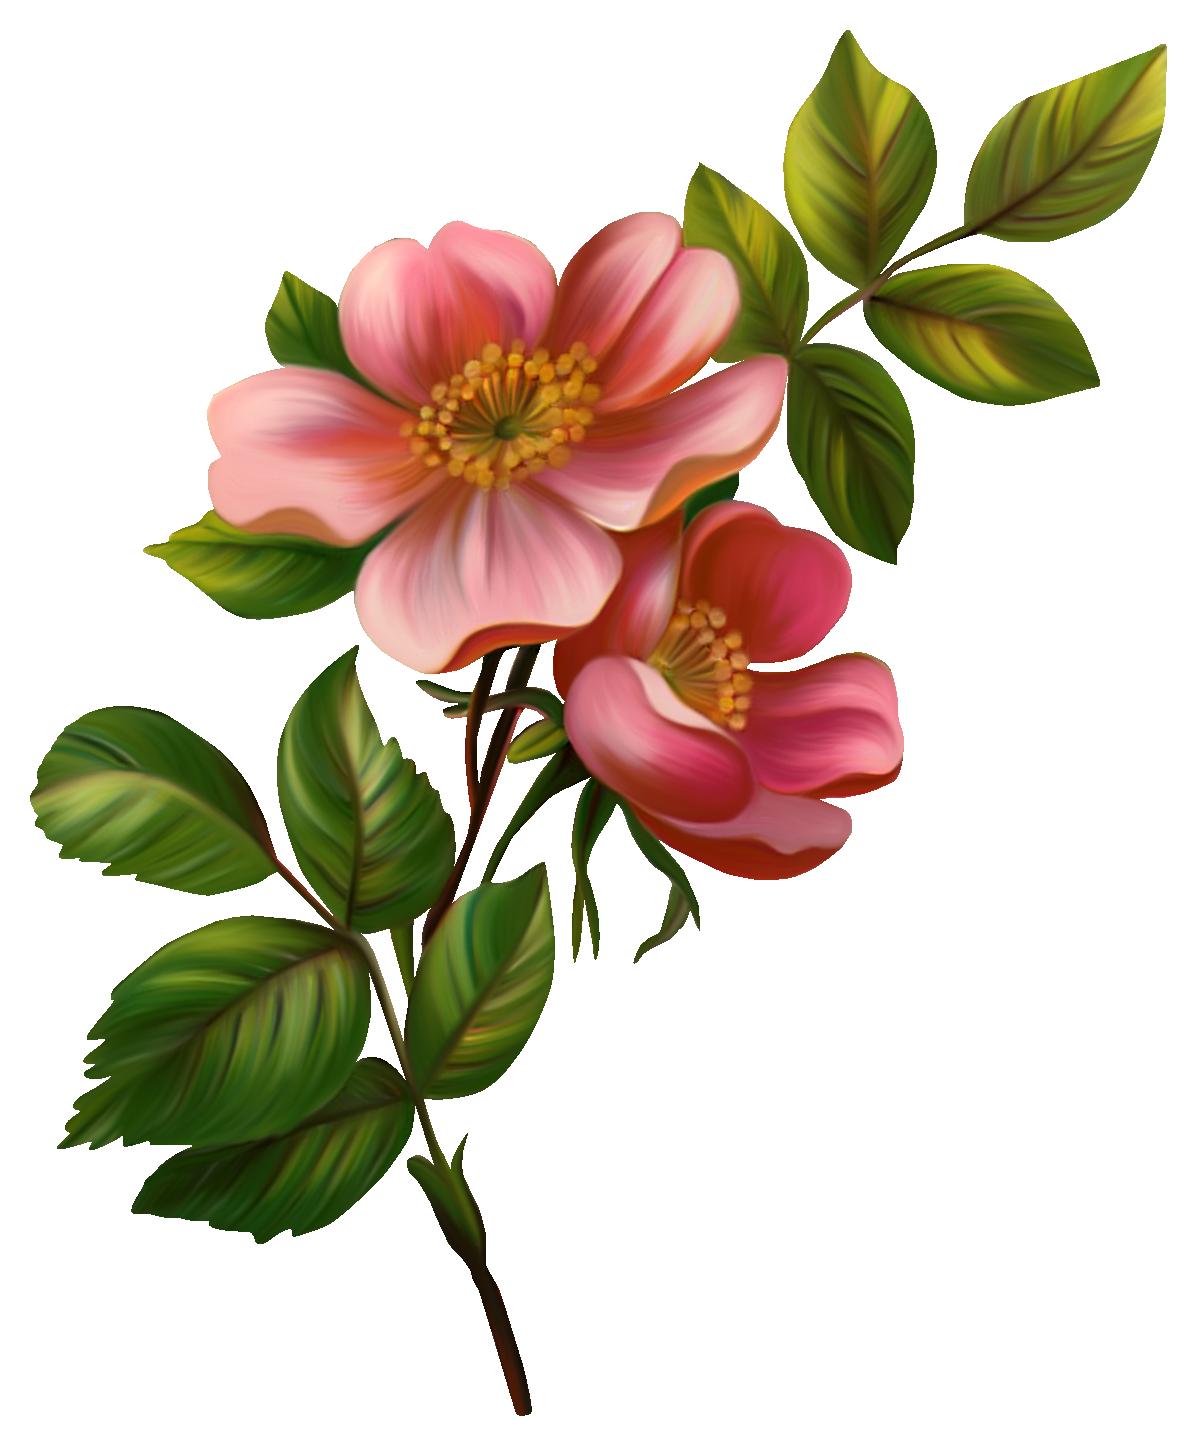 Pin De Blanka Dolinar Em Png: Ilustração Rosa, Rosas